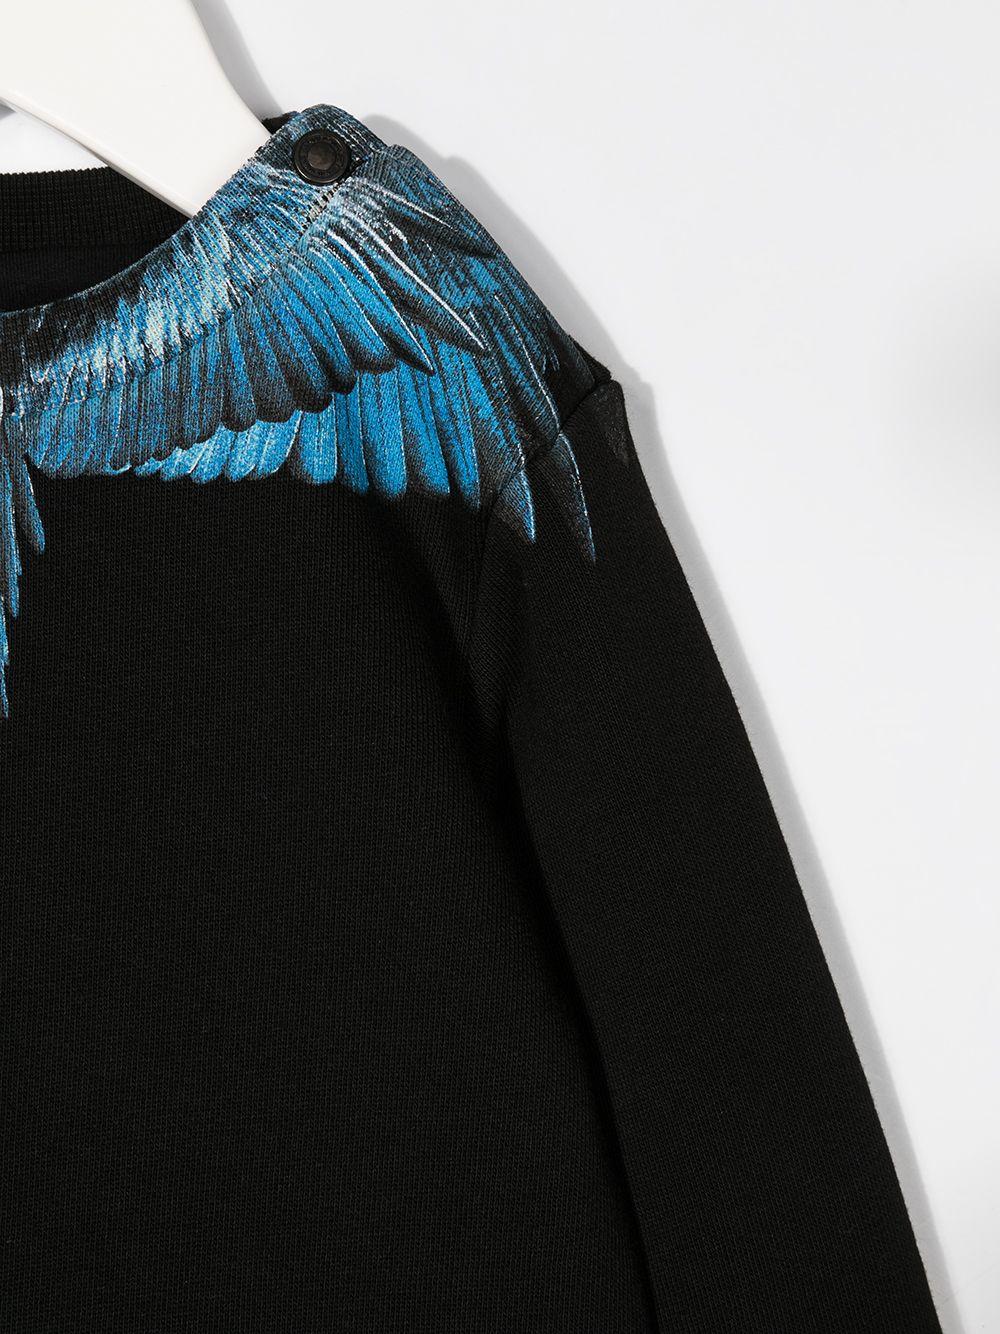 Marcelo burlon | Sweatshirt | MB24050020B010